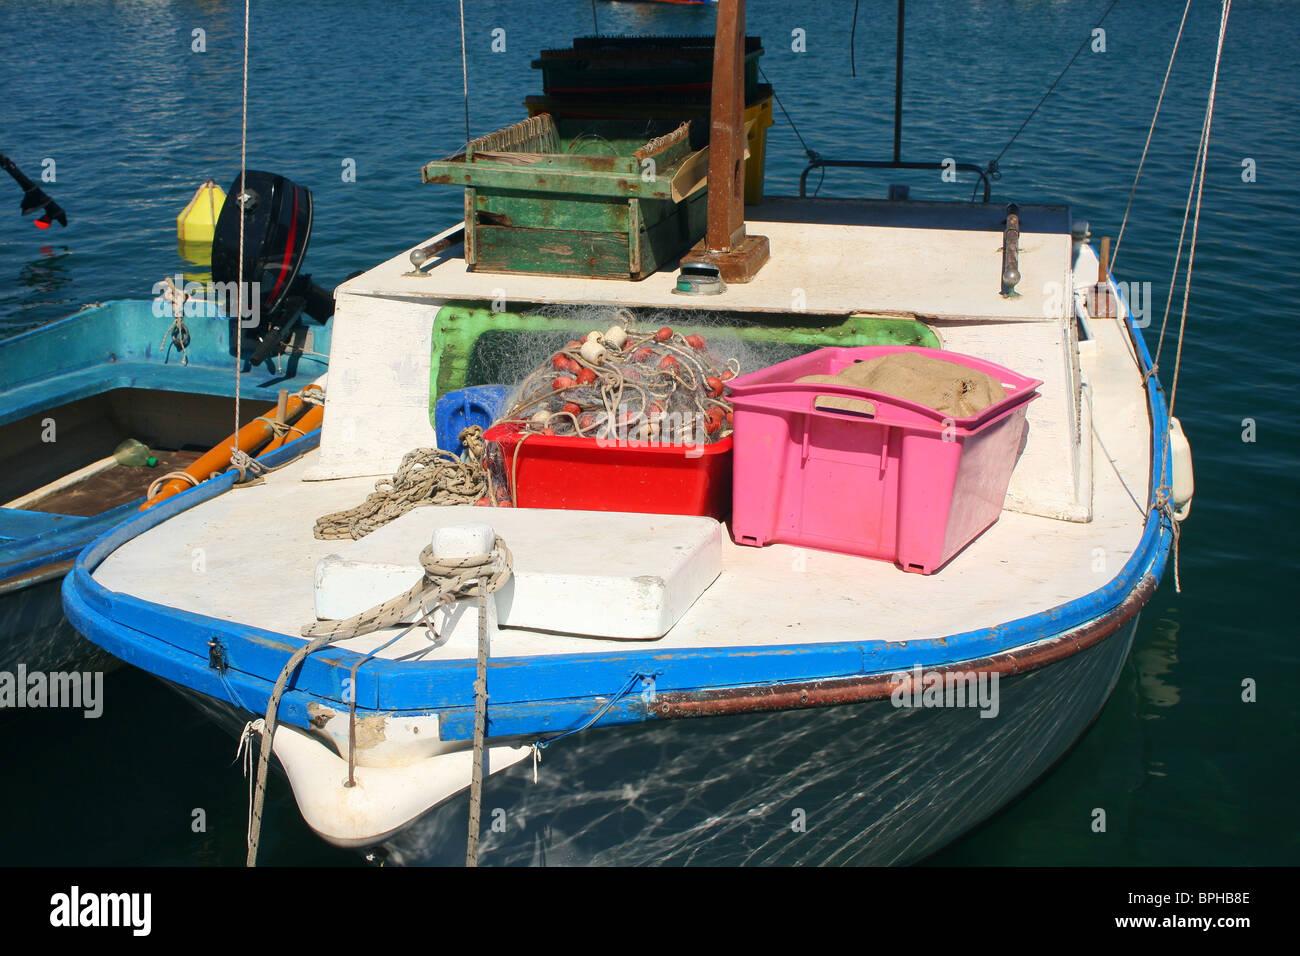 Bateau de pêche avec équipement Photo Stock